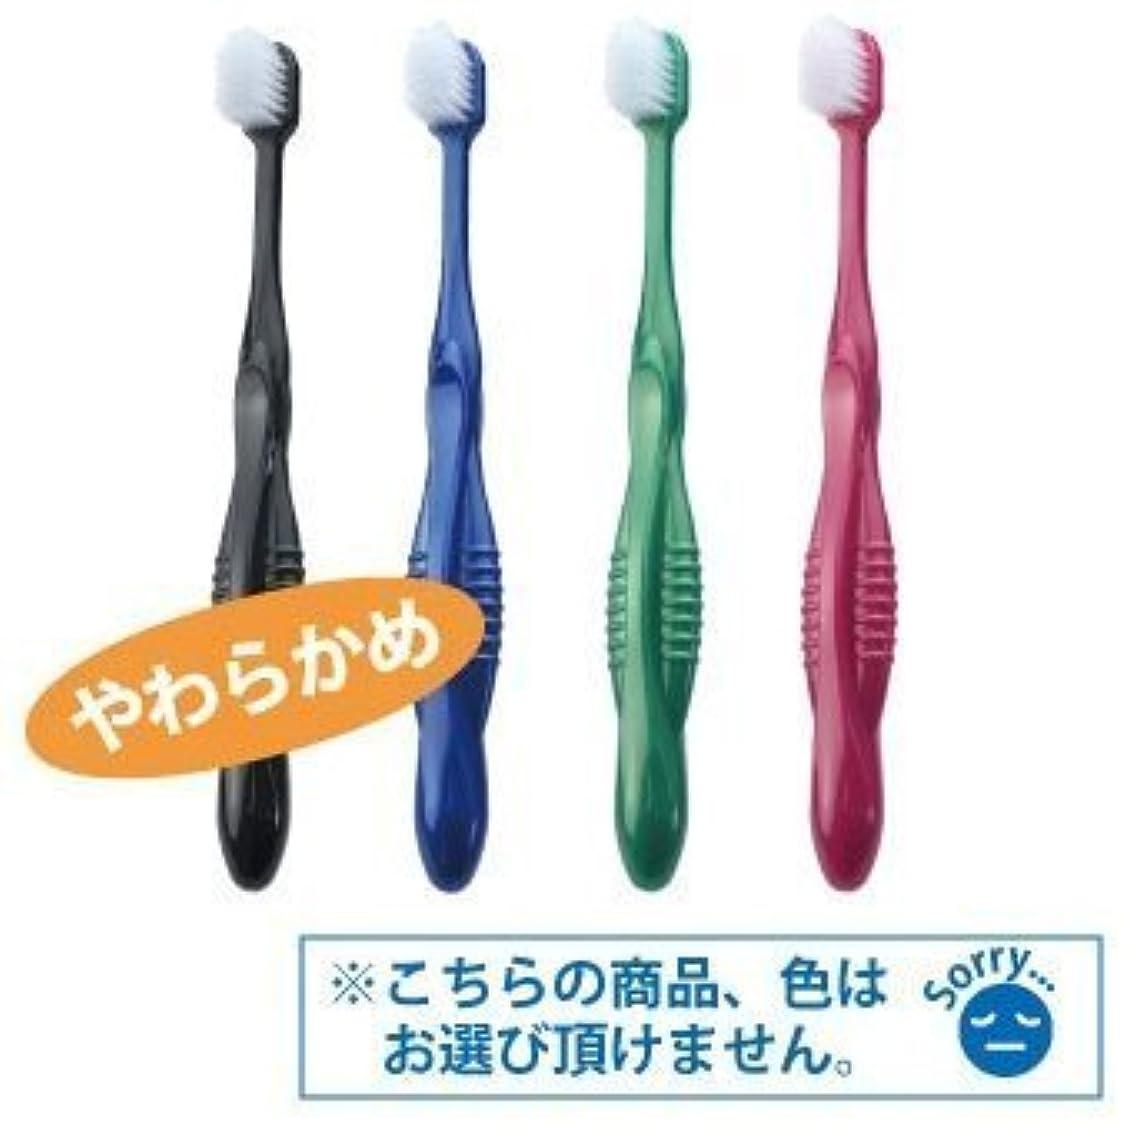 標高ひそかに大使Ciメディカル 歯ブラシ Ci800(超先細+ラウンド毛タイプ)×1本 (S(やわらかめ))